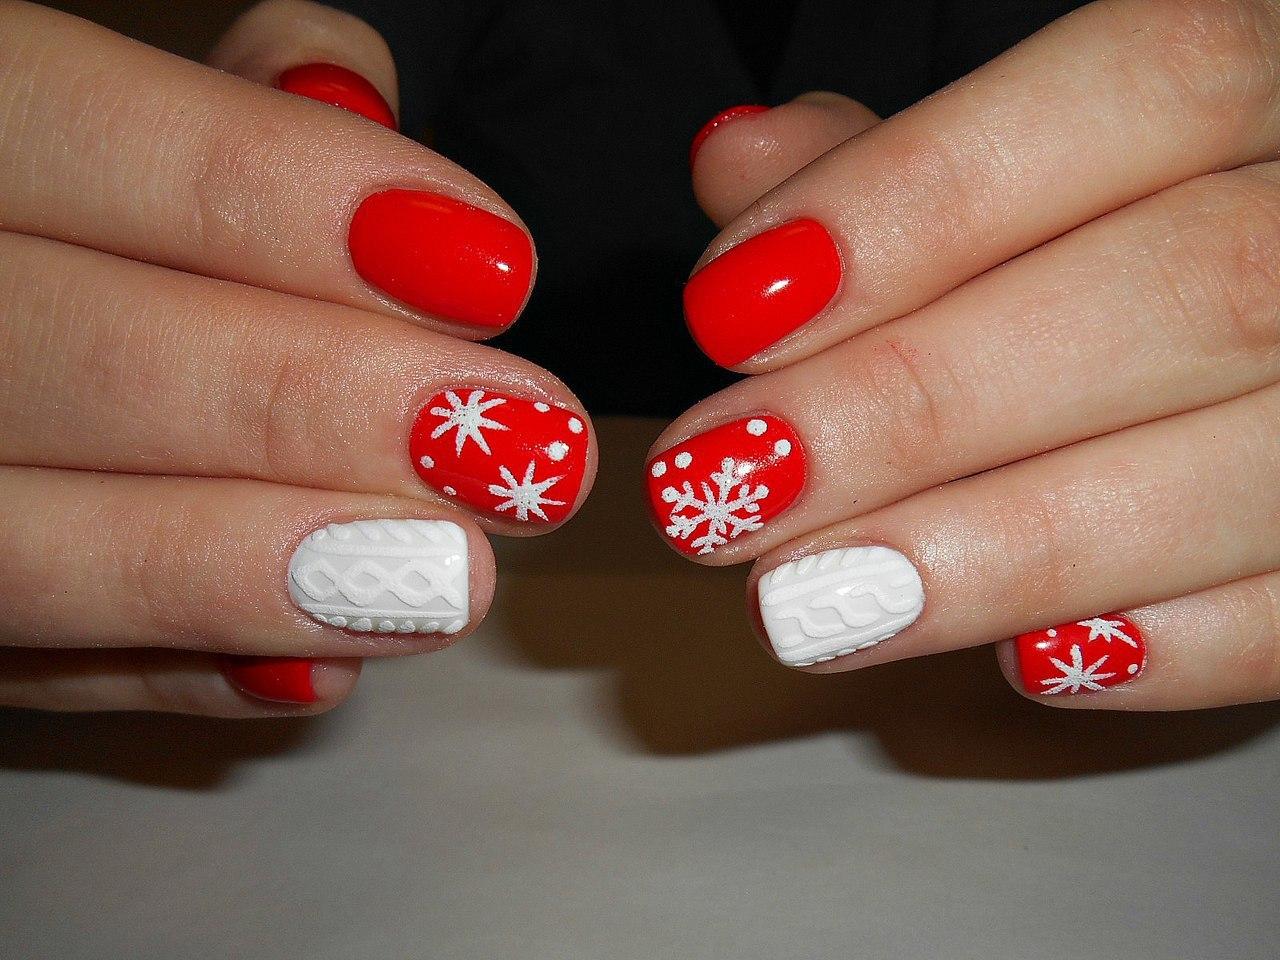 """Маникюр в красном цвете с белым вязаным дизайном и рисунком """"снежинки""""."""